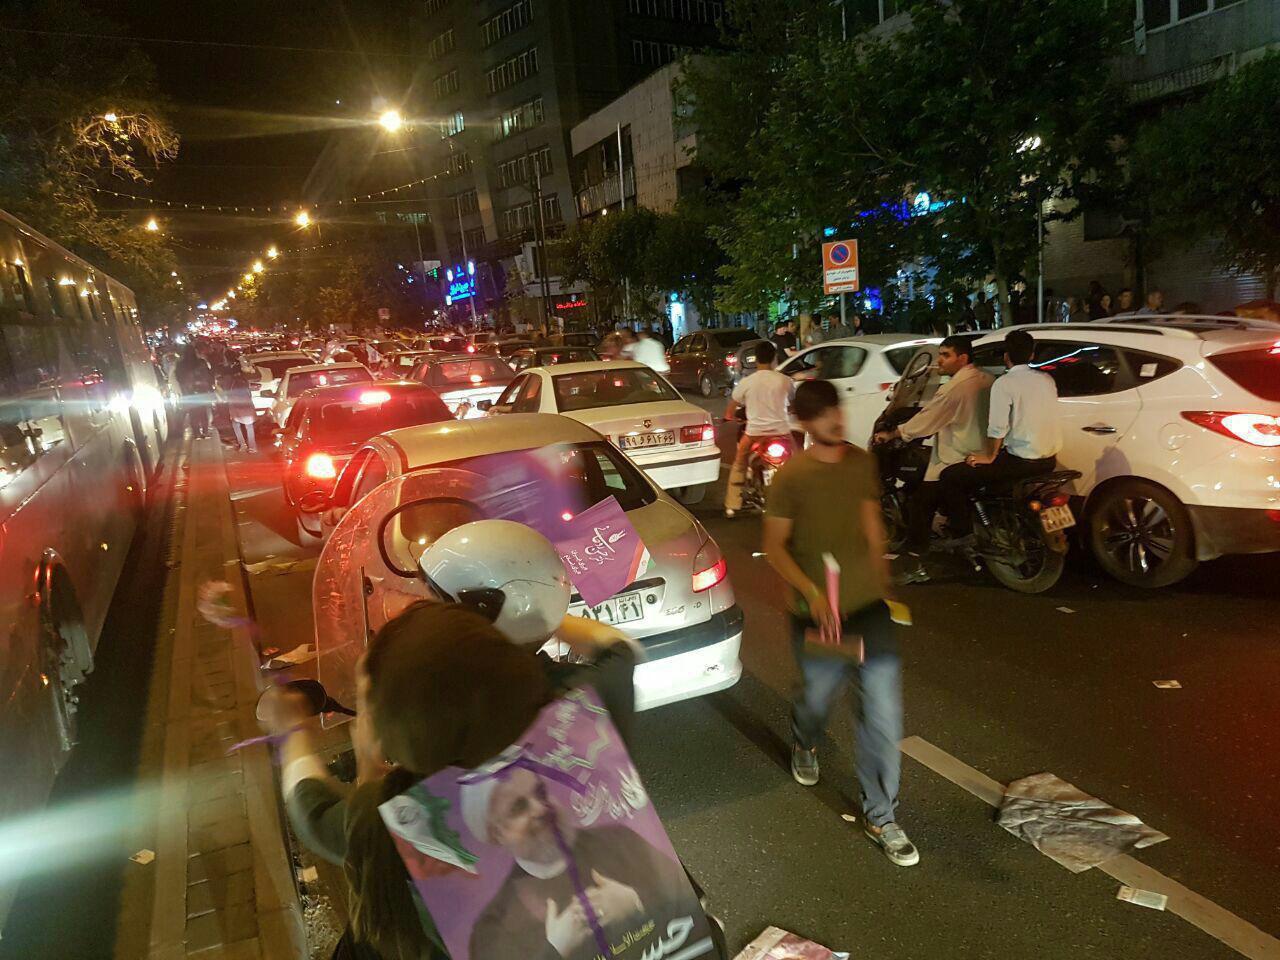 عکس/ترافیک سنگین خیابان ولیعصر (تهران) در ساعات پایانی تبلیغات انتخاباتی